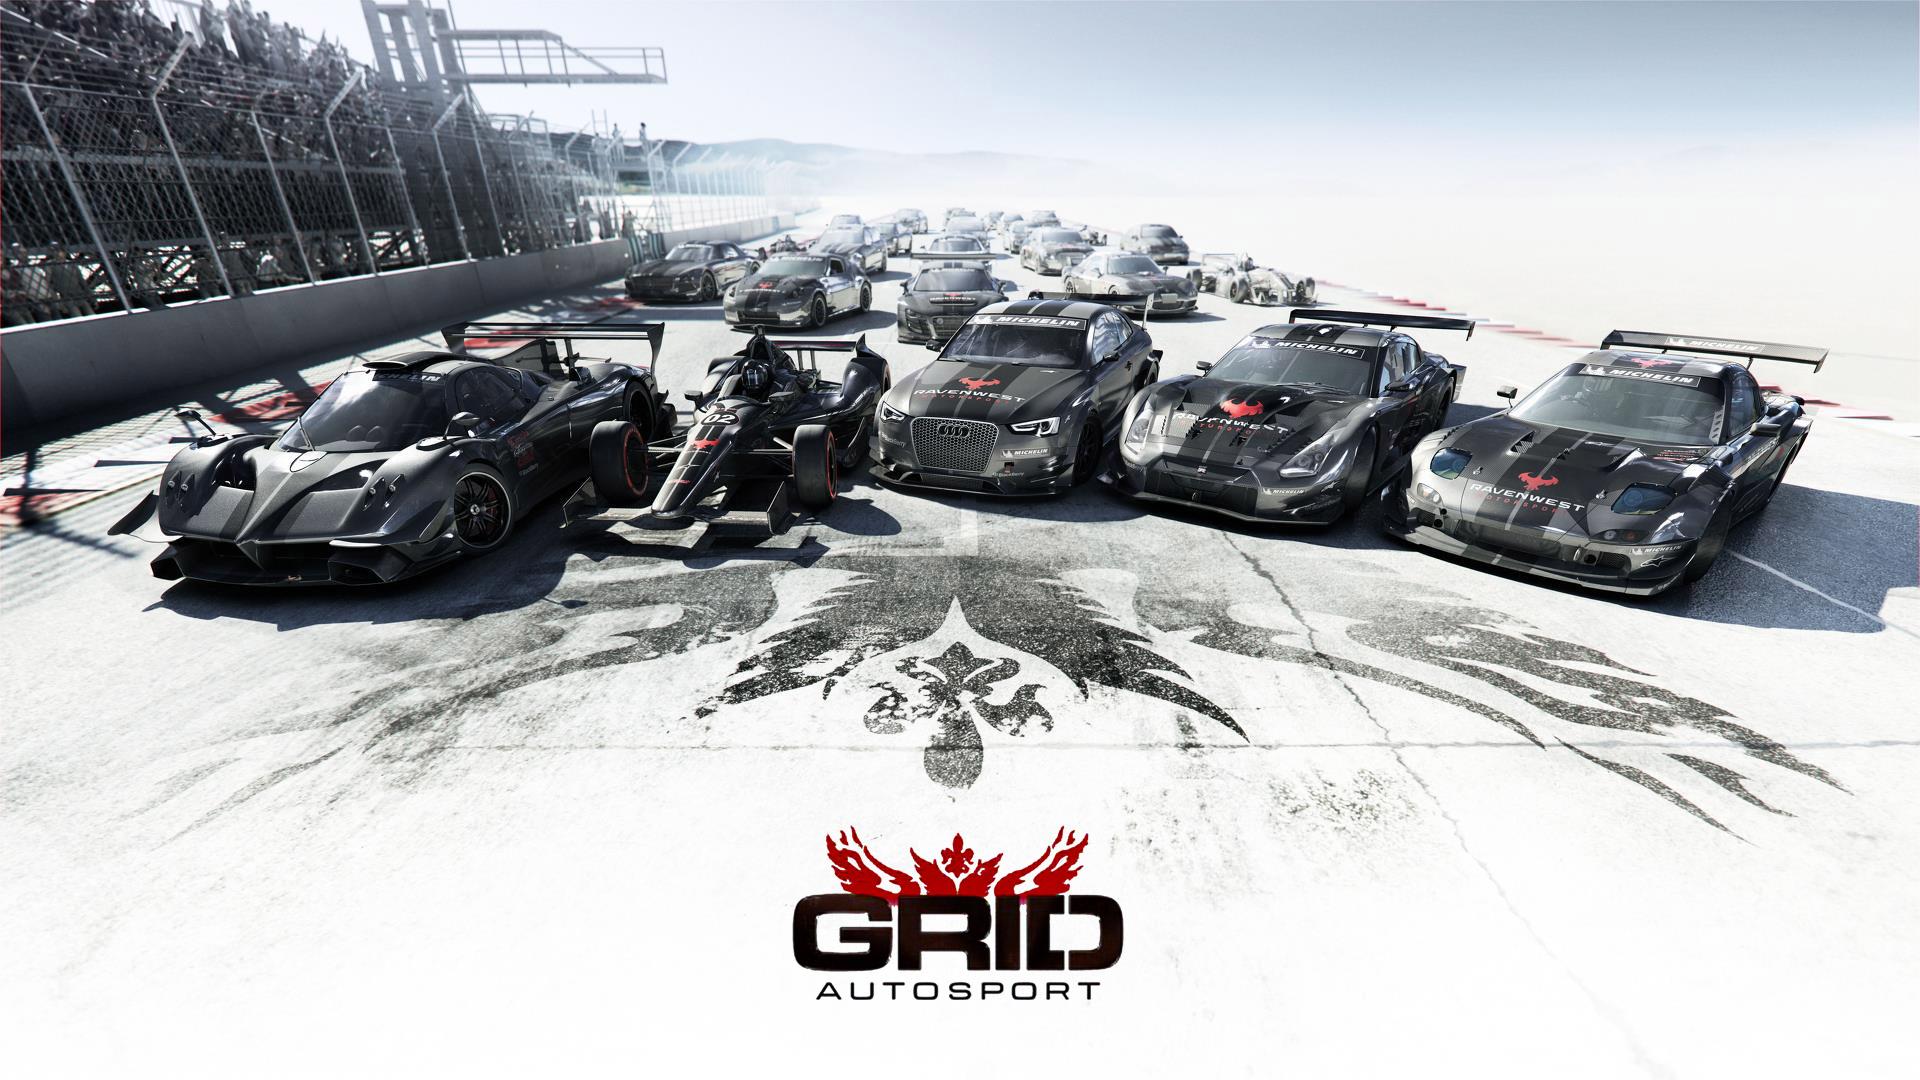 Новый трейлер GRID Autosport продемонстрировал AAA качество мобильного рейсинга